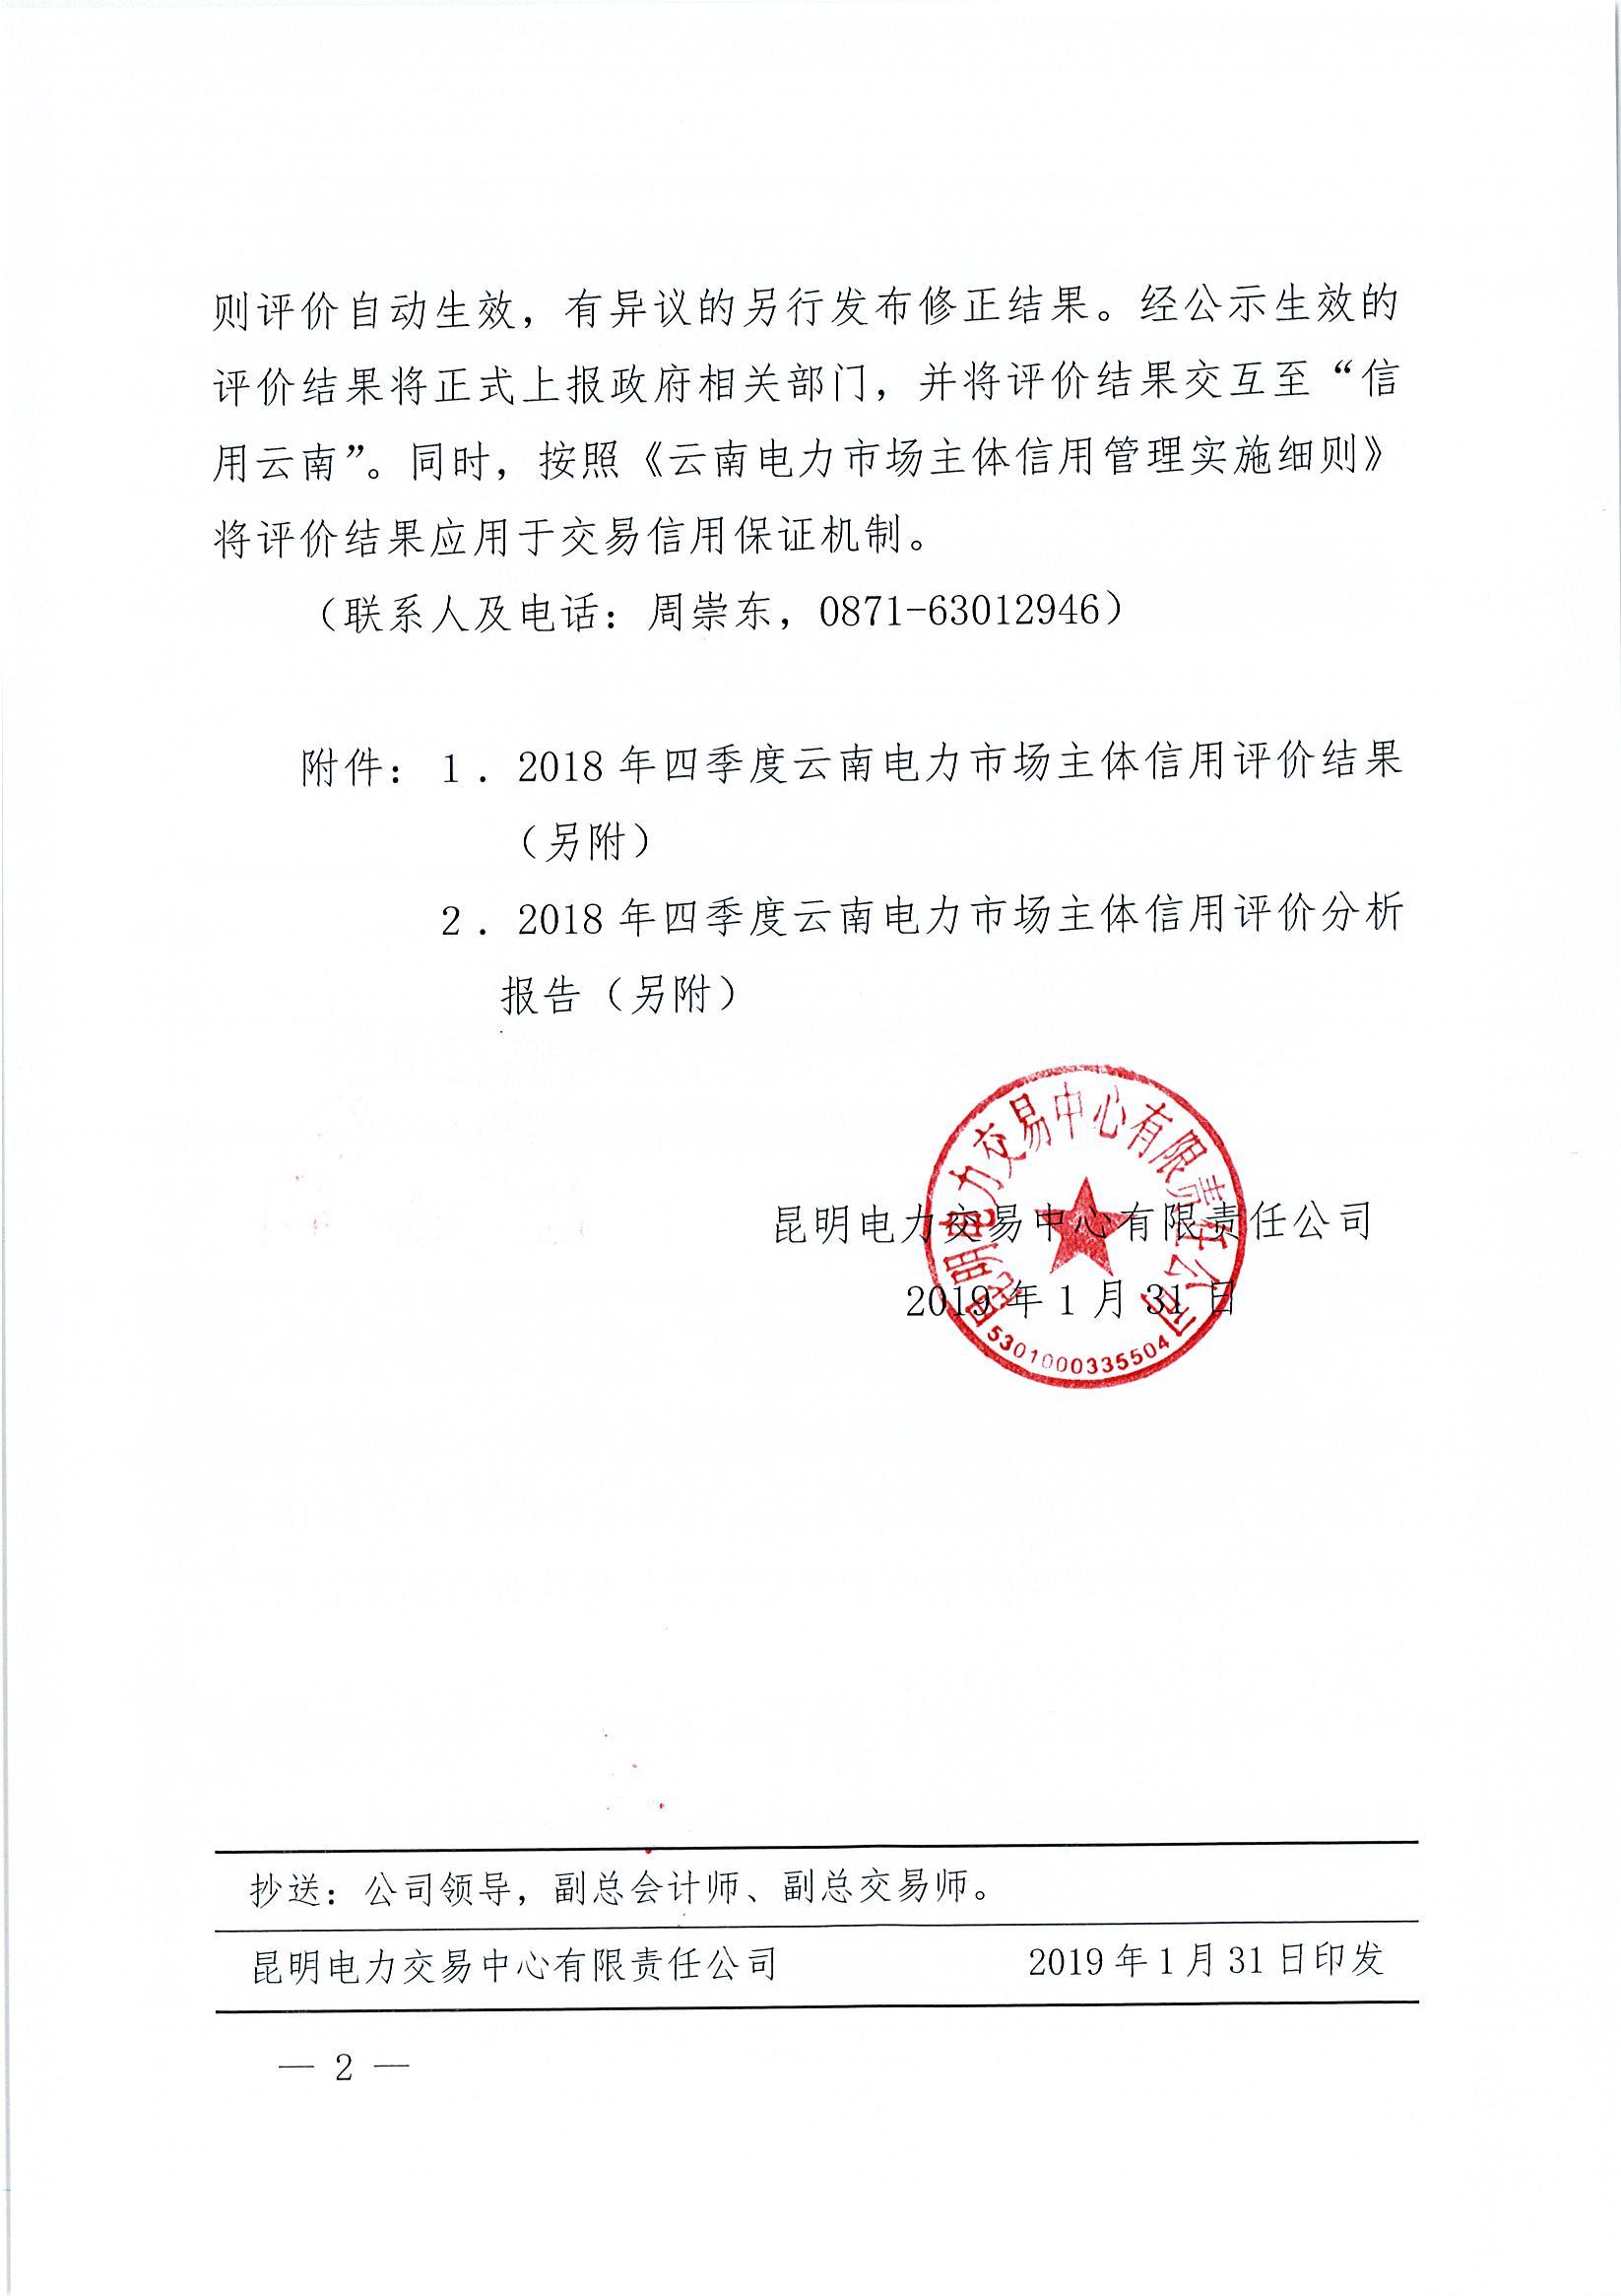 关于公布2018年四季度云南电力市场主体信用评价结果的通知